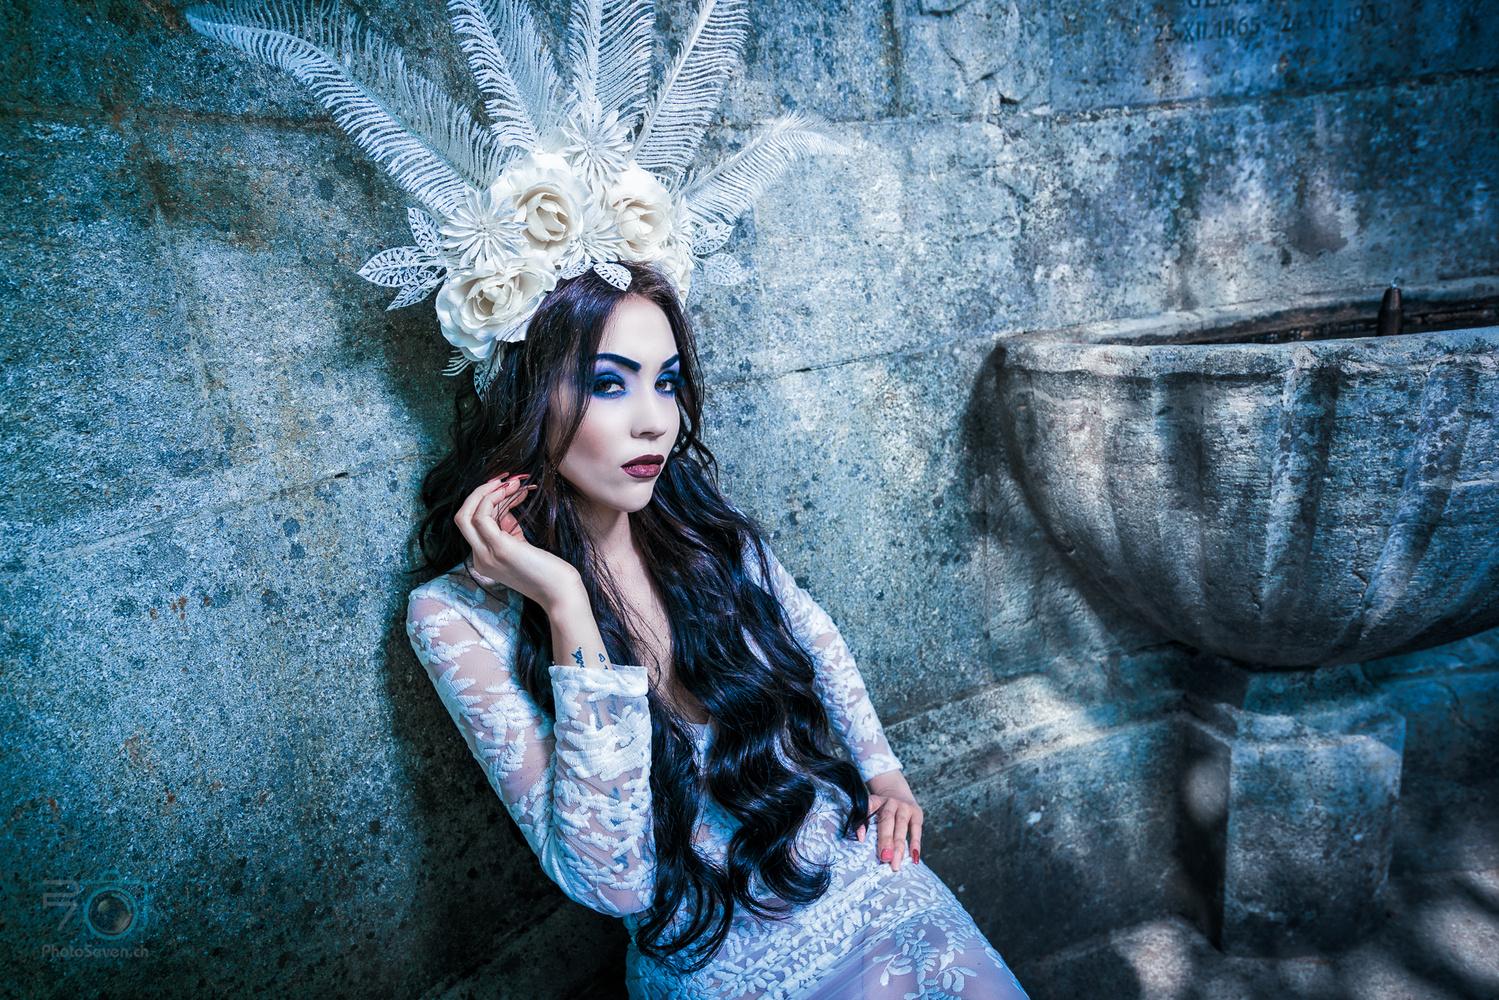 Ice Princess by Patric Kaehli